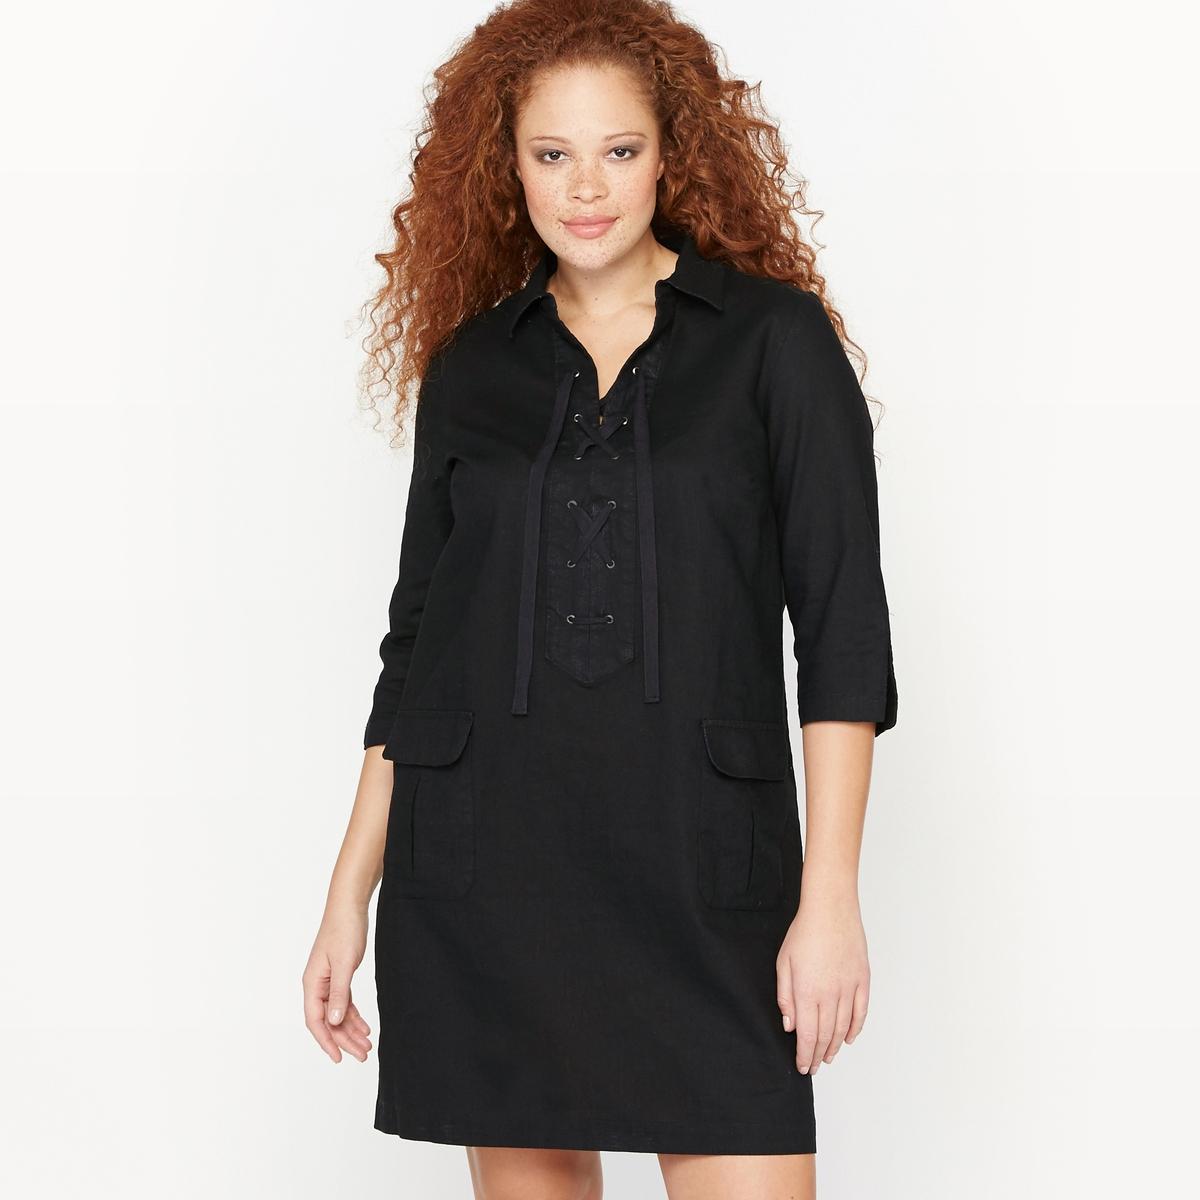 Платье со шнуровкойПлатье со шнуровкой.Рубашечный воротник.Полуоткрытое платье с застежкой на шнуровку с люверсами.2 накладных растяжных кармана с клапаном спереди.Длинные рукава с разрезами по краям.Состав и описание :Материал : 55% льна, 45% хлопка, без подкладки.Длина : 96 см для размера 48Марка : CASTALUNAУход : Машинная стирка при 40 °С.<br><br>Цвет: изумрудный,черный<br>Размер: 42 (FR) - 48 (RUS).48 (FR) - 54 (RUS)